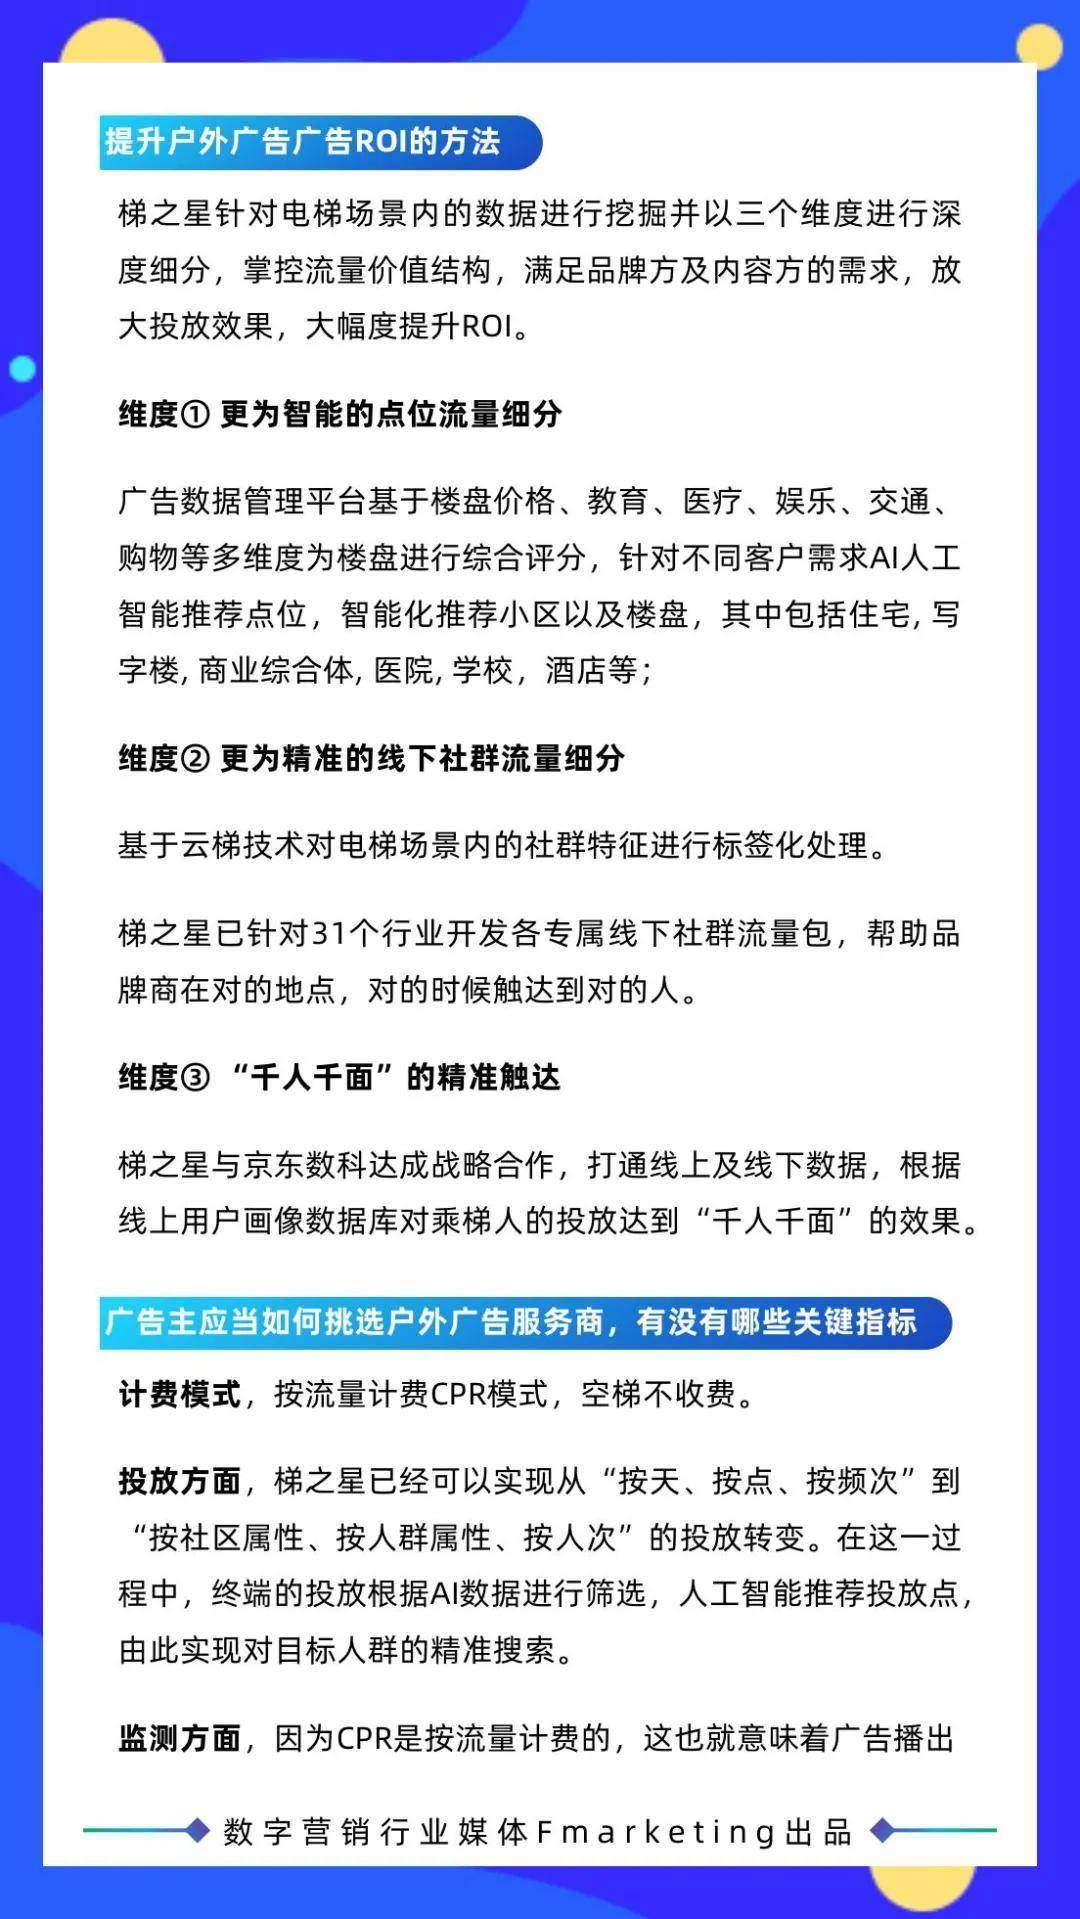 上海数字营销公司